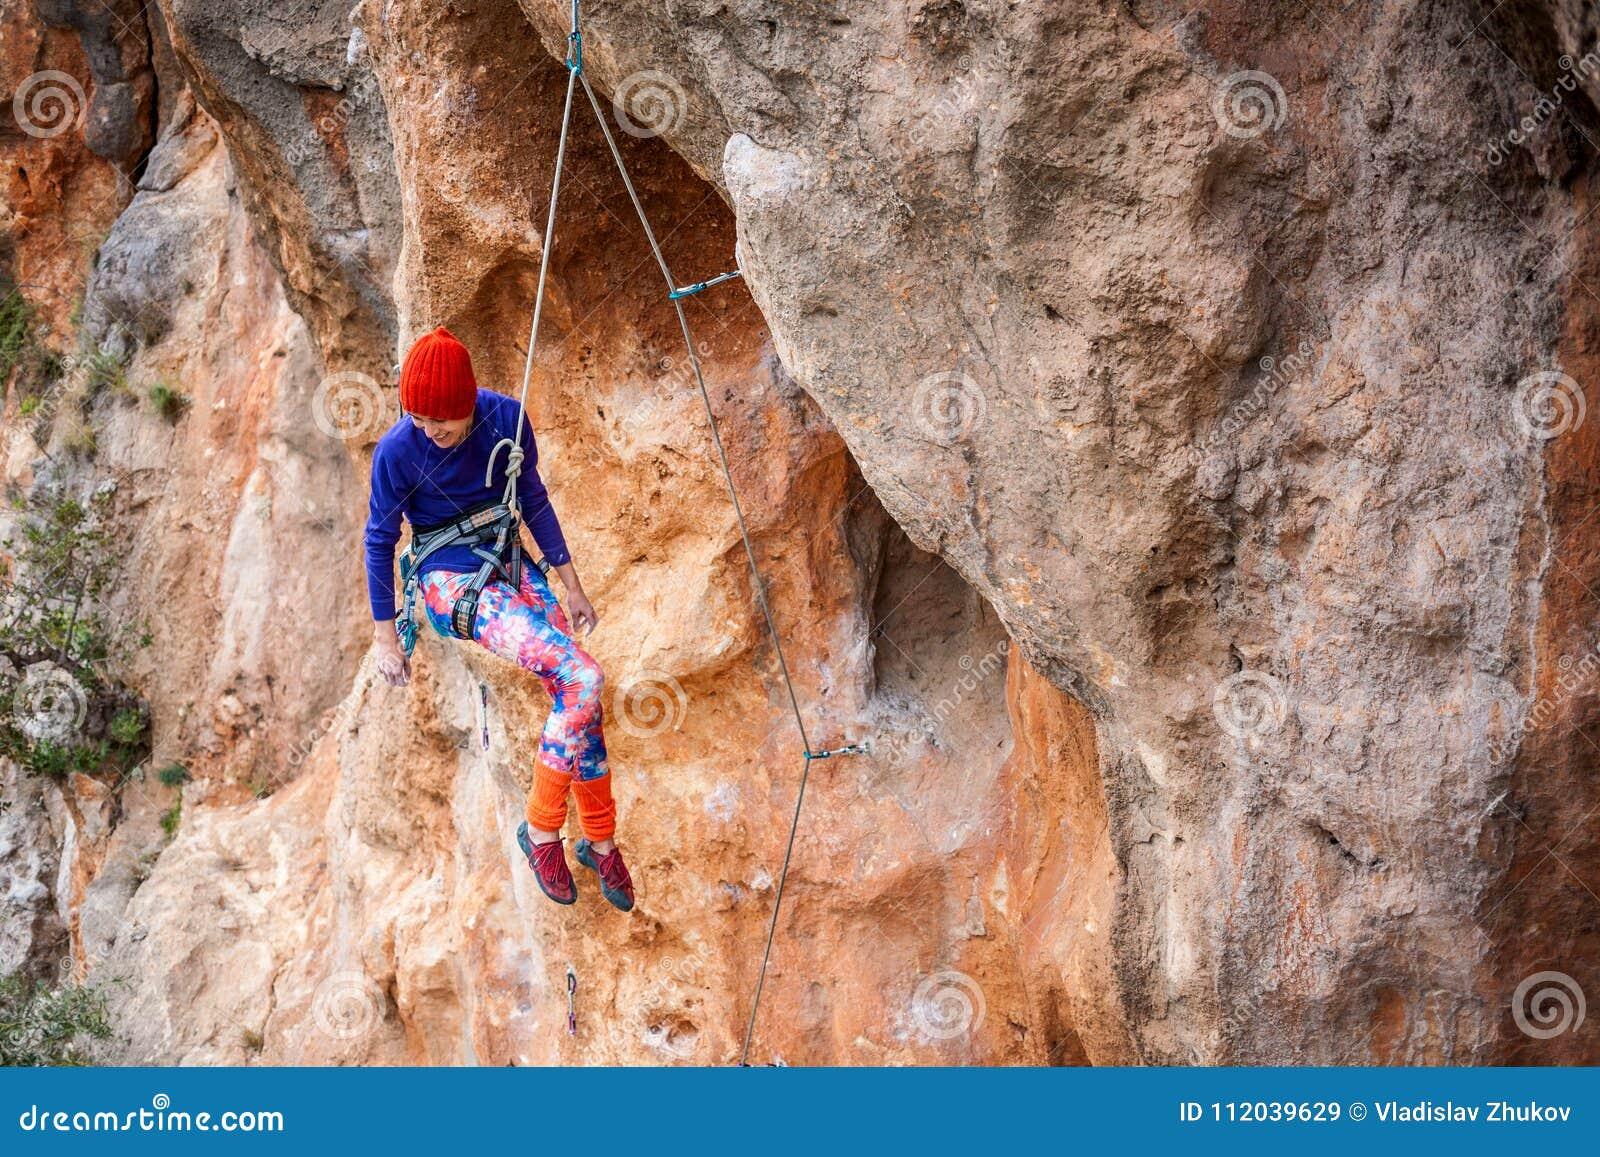 Le grimpeur accroche sur une corde